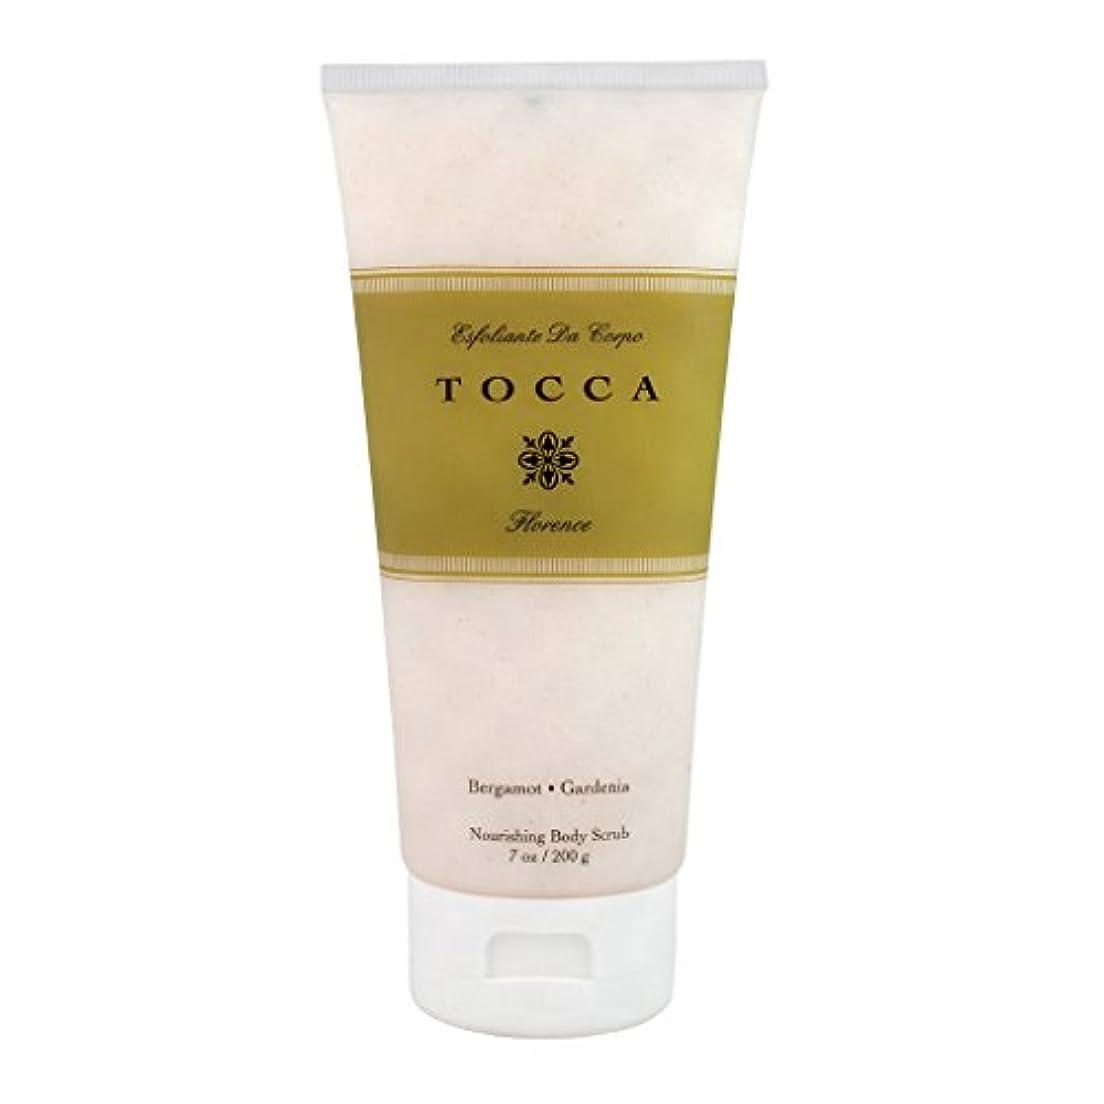 マイナス肉のクラッシュトッカ(TOCCA) ボディーケアスクラブ フローレンスの香り 200ml(全身?ボディー用マッサージ料 ガーデニアとベルガモットが誘うように溶け合うどこまでも上品なフローラルの香り)